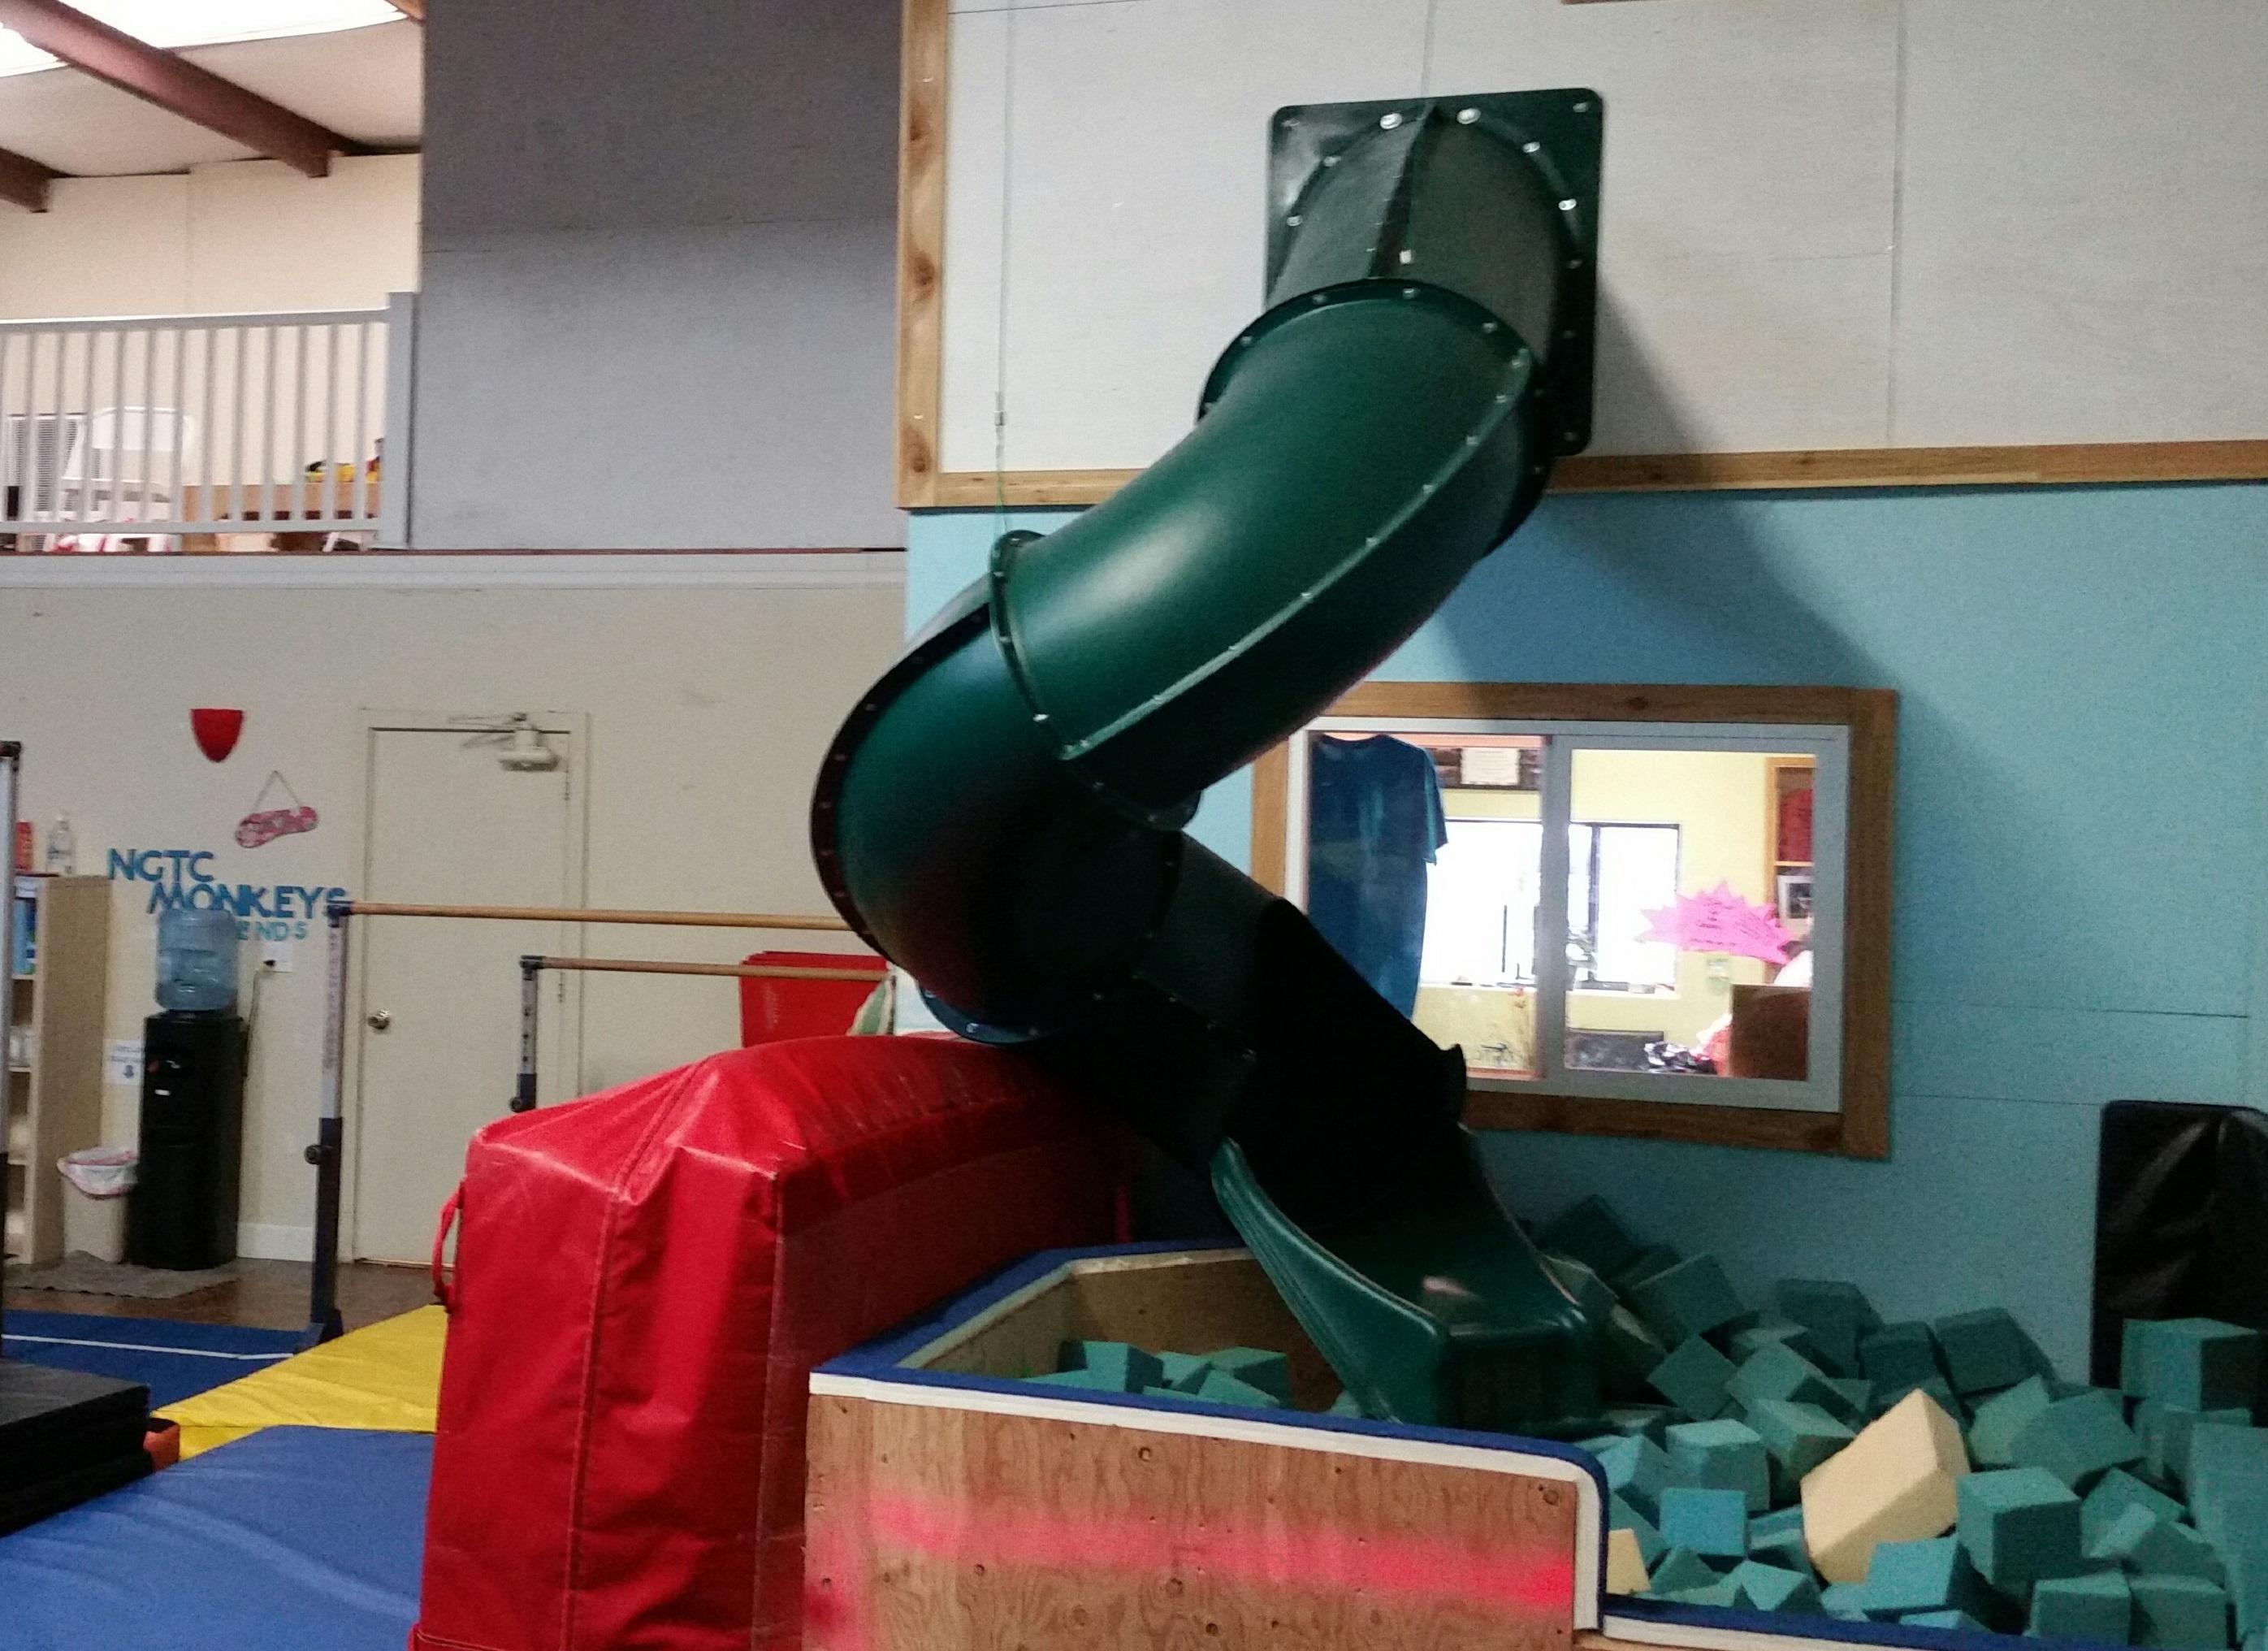 NGTC Preschool Slide Exterior